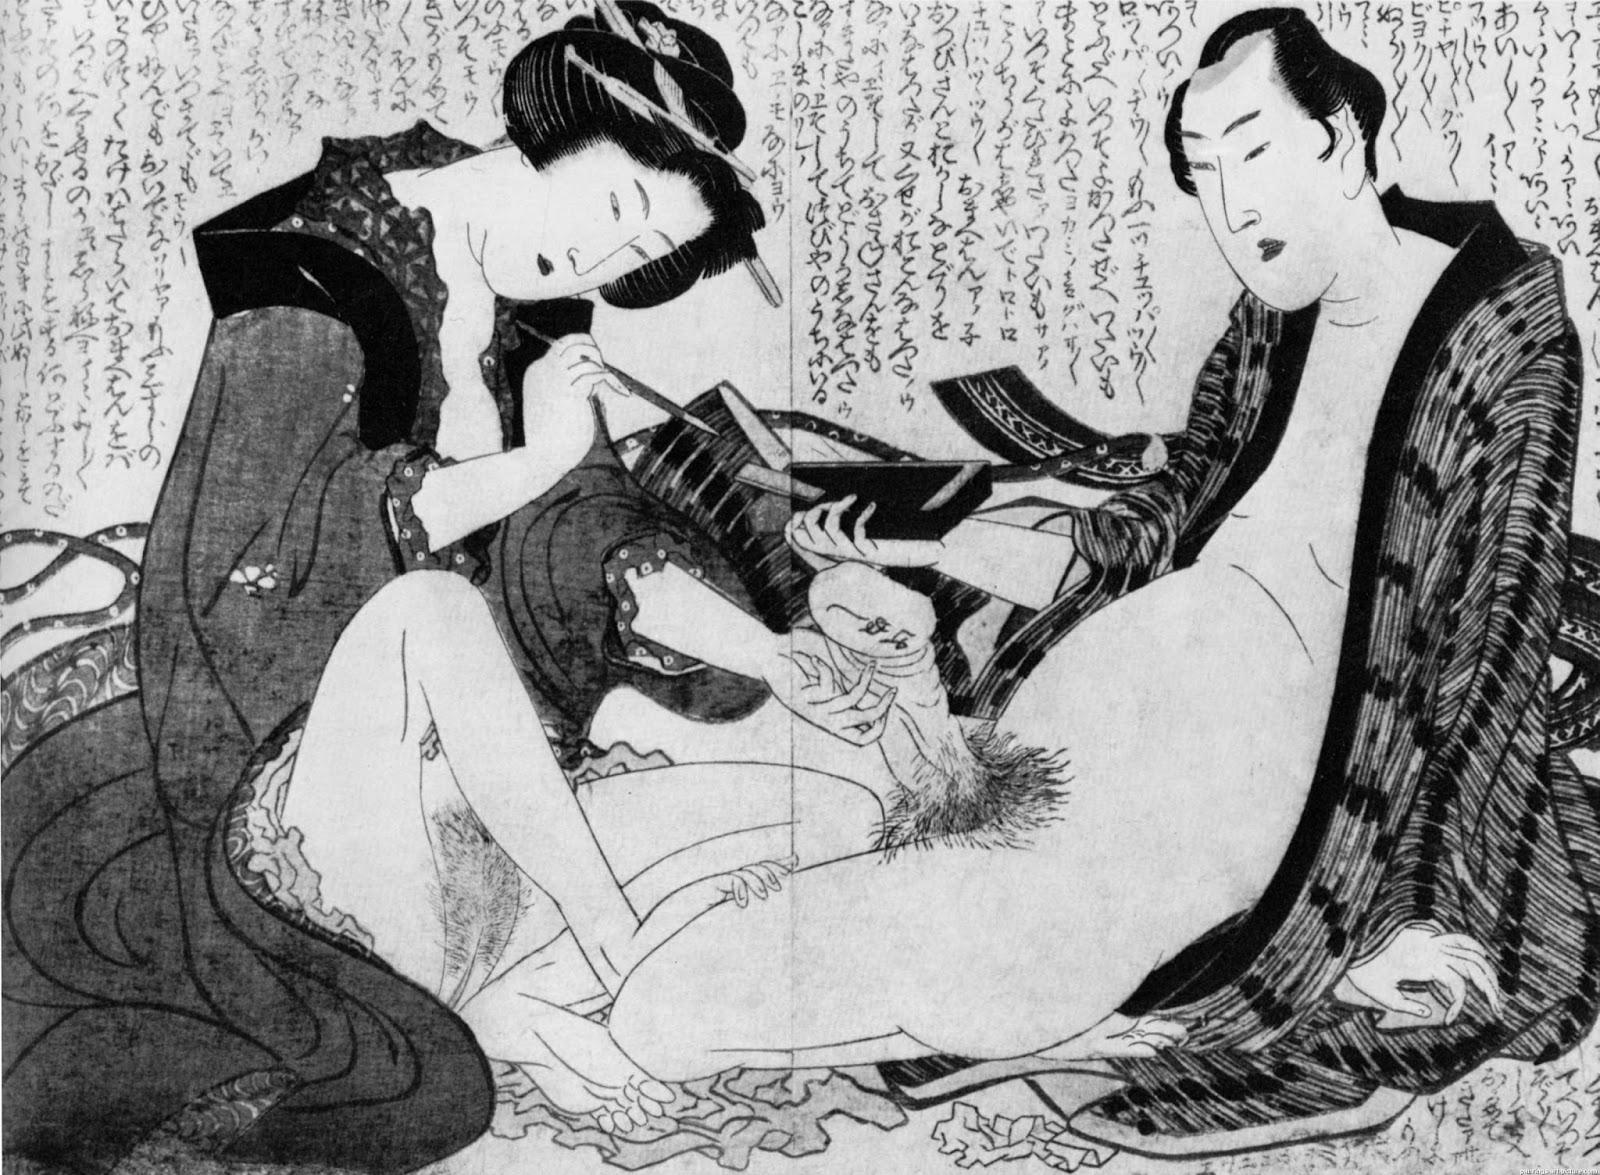 japanese-art-porn-sexy-kittys-panties-nude